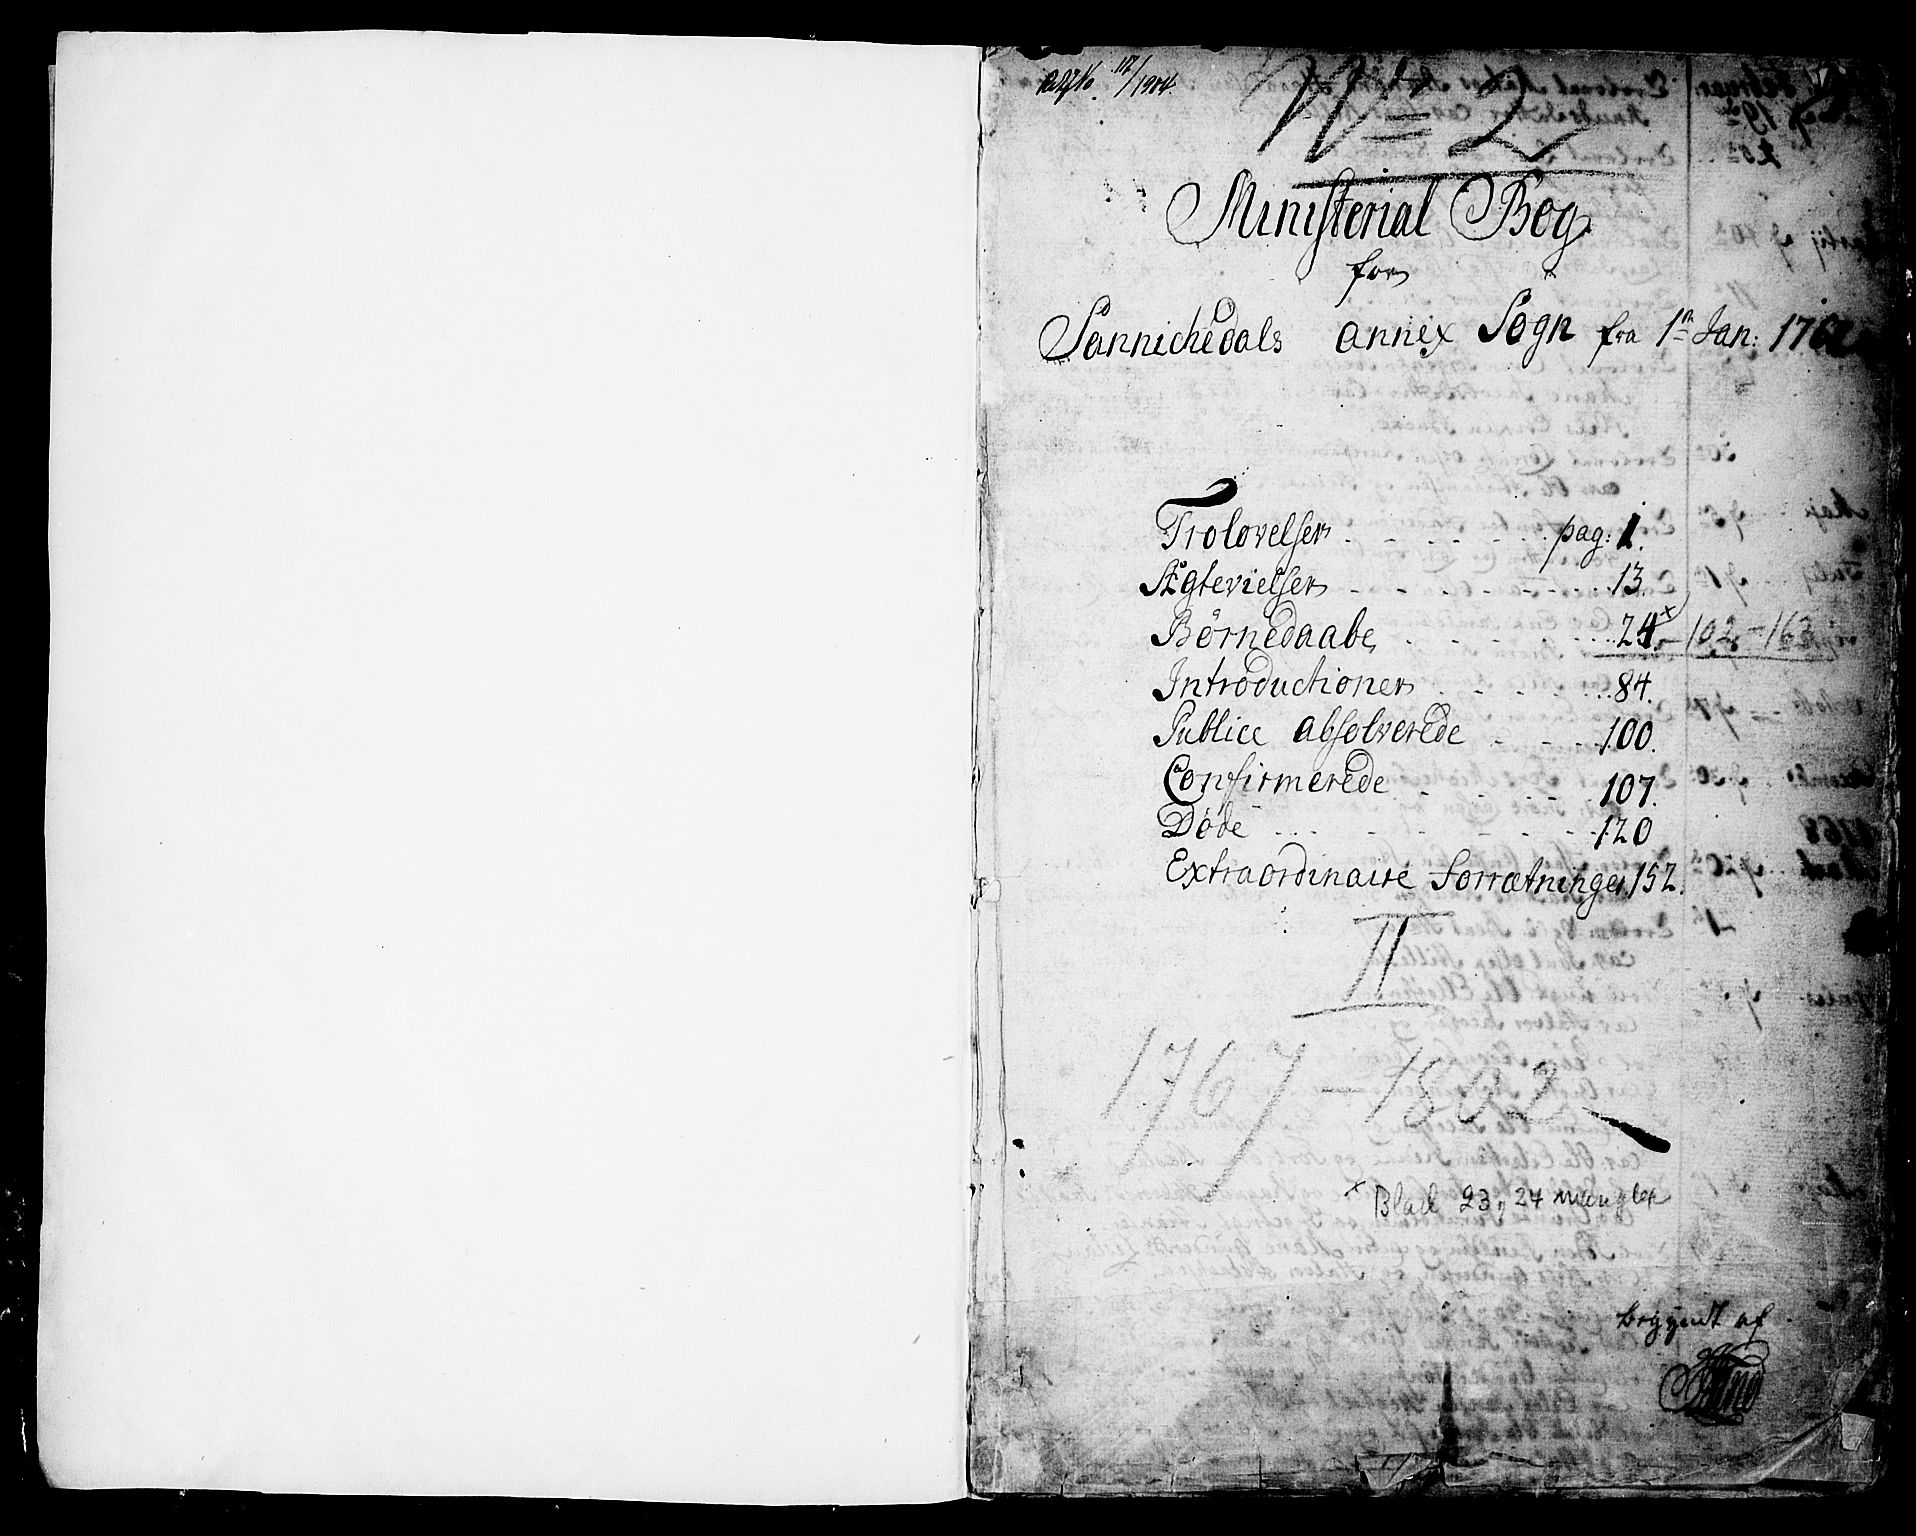 SAKO, Sannidal kirkebøker, F/Fa/L0002: Ministerialbok nr. 2, 1767-1802, s. 1